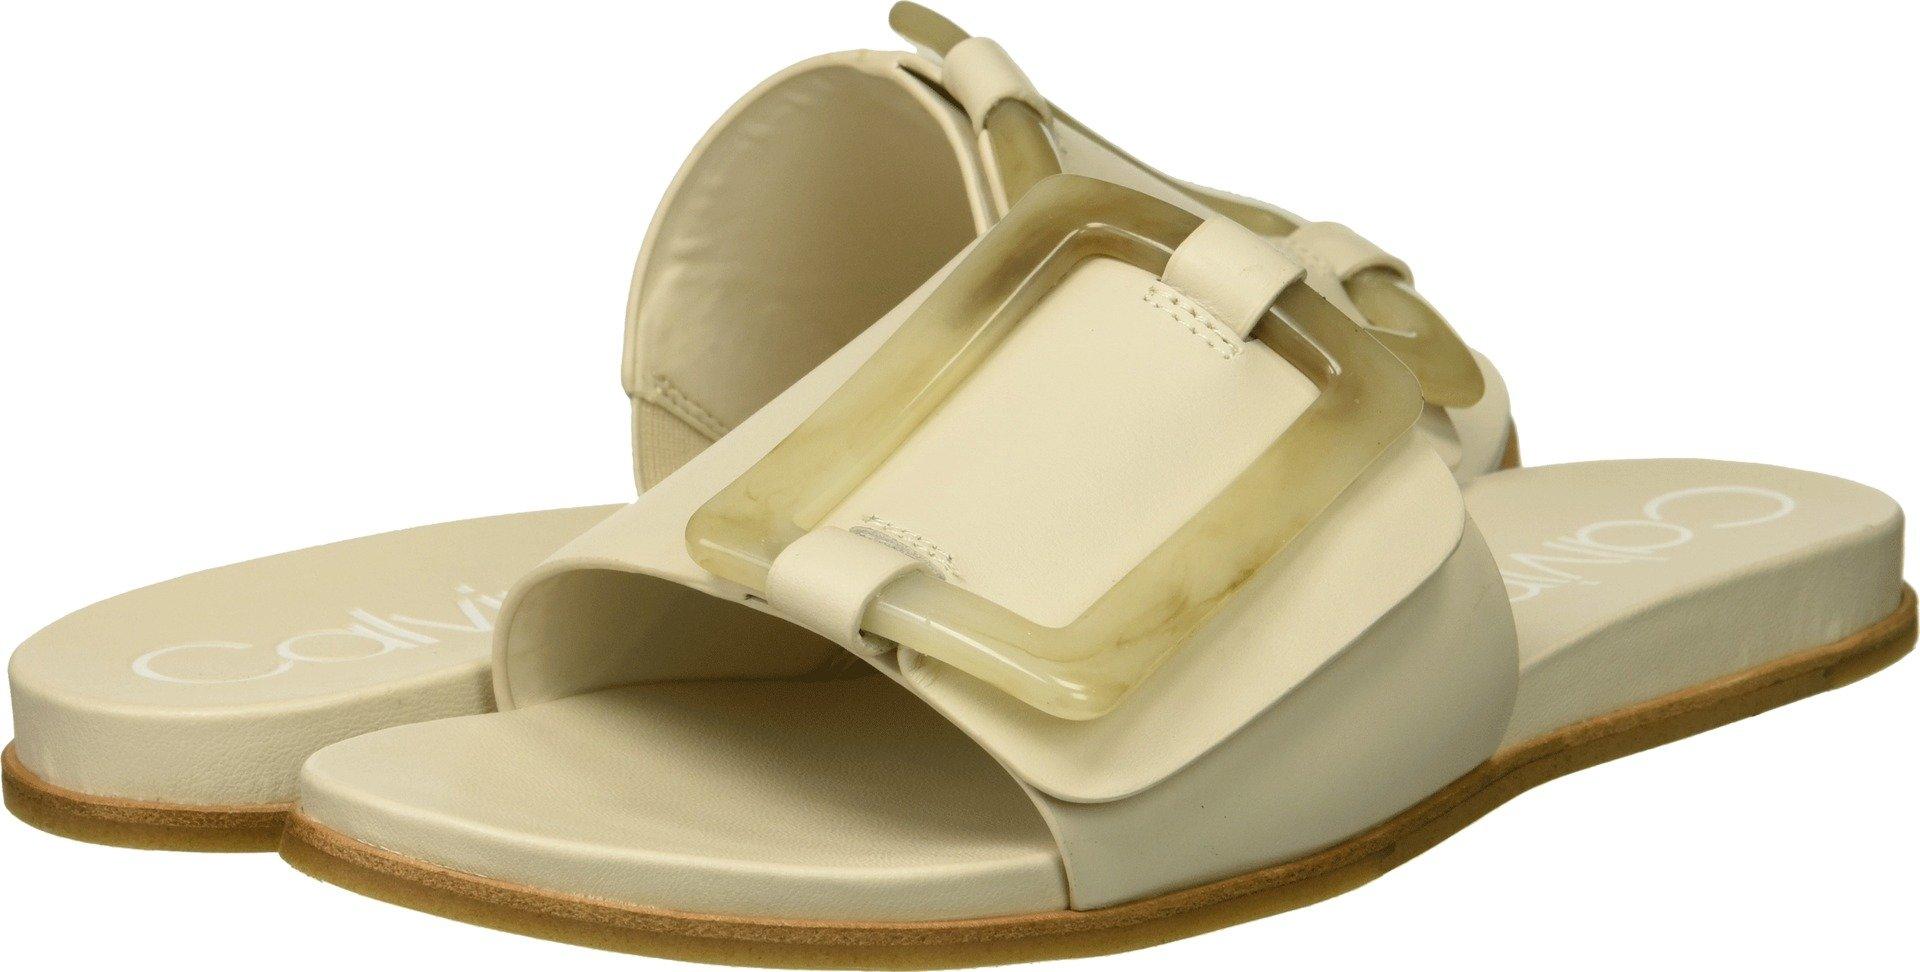 Calvin Klein Women's Patreece Slide Sandal, Soft White, 5.5 Medium US